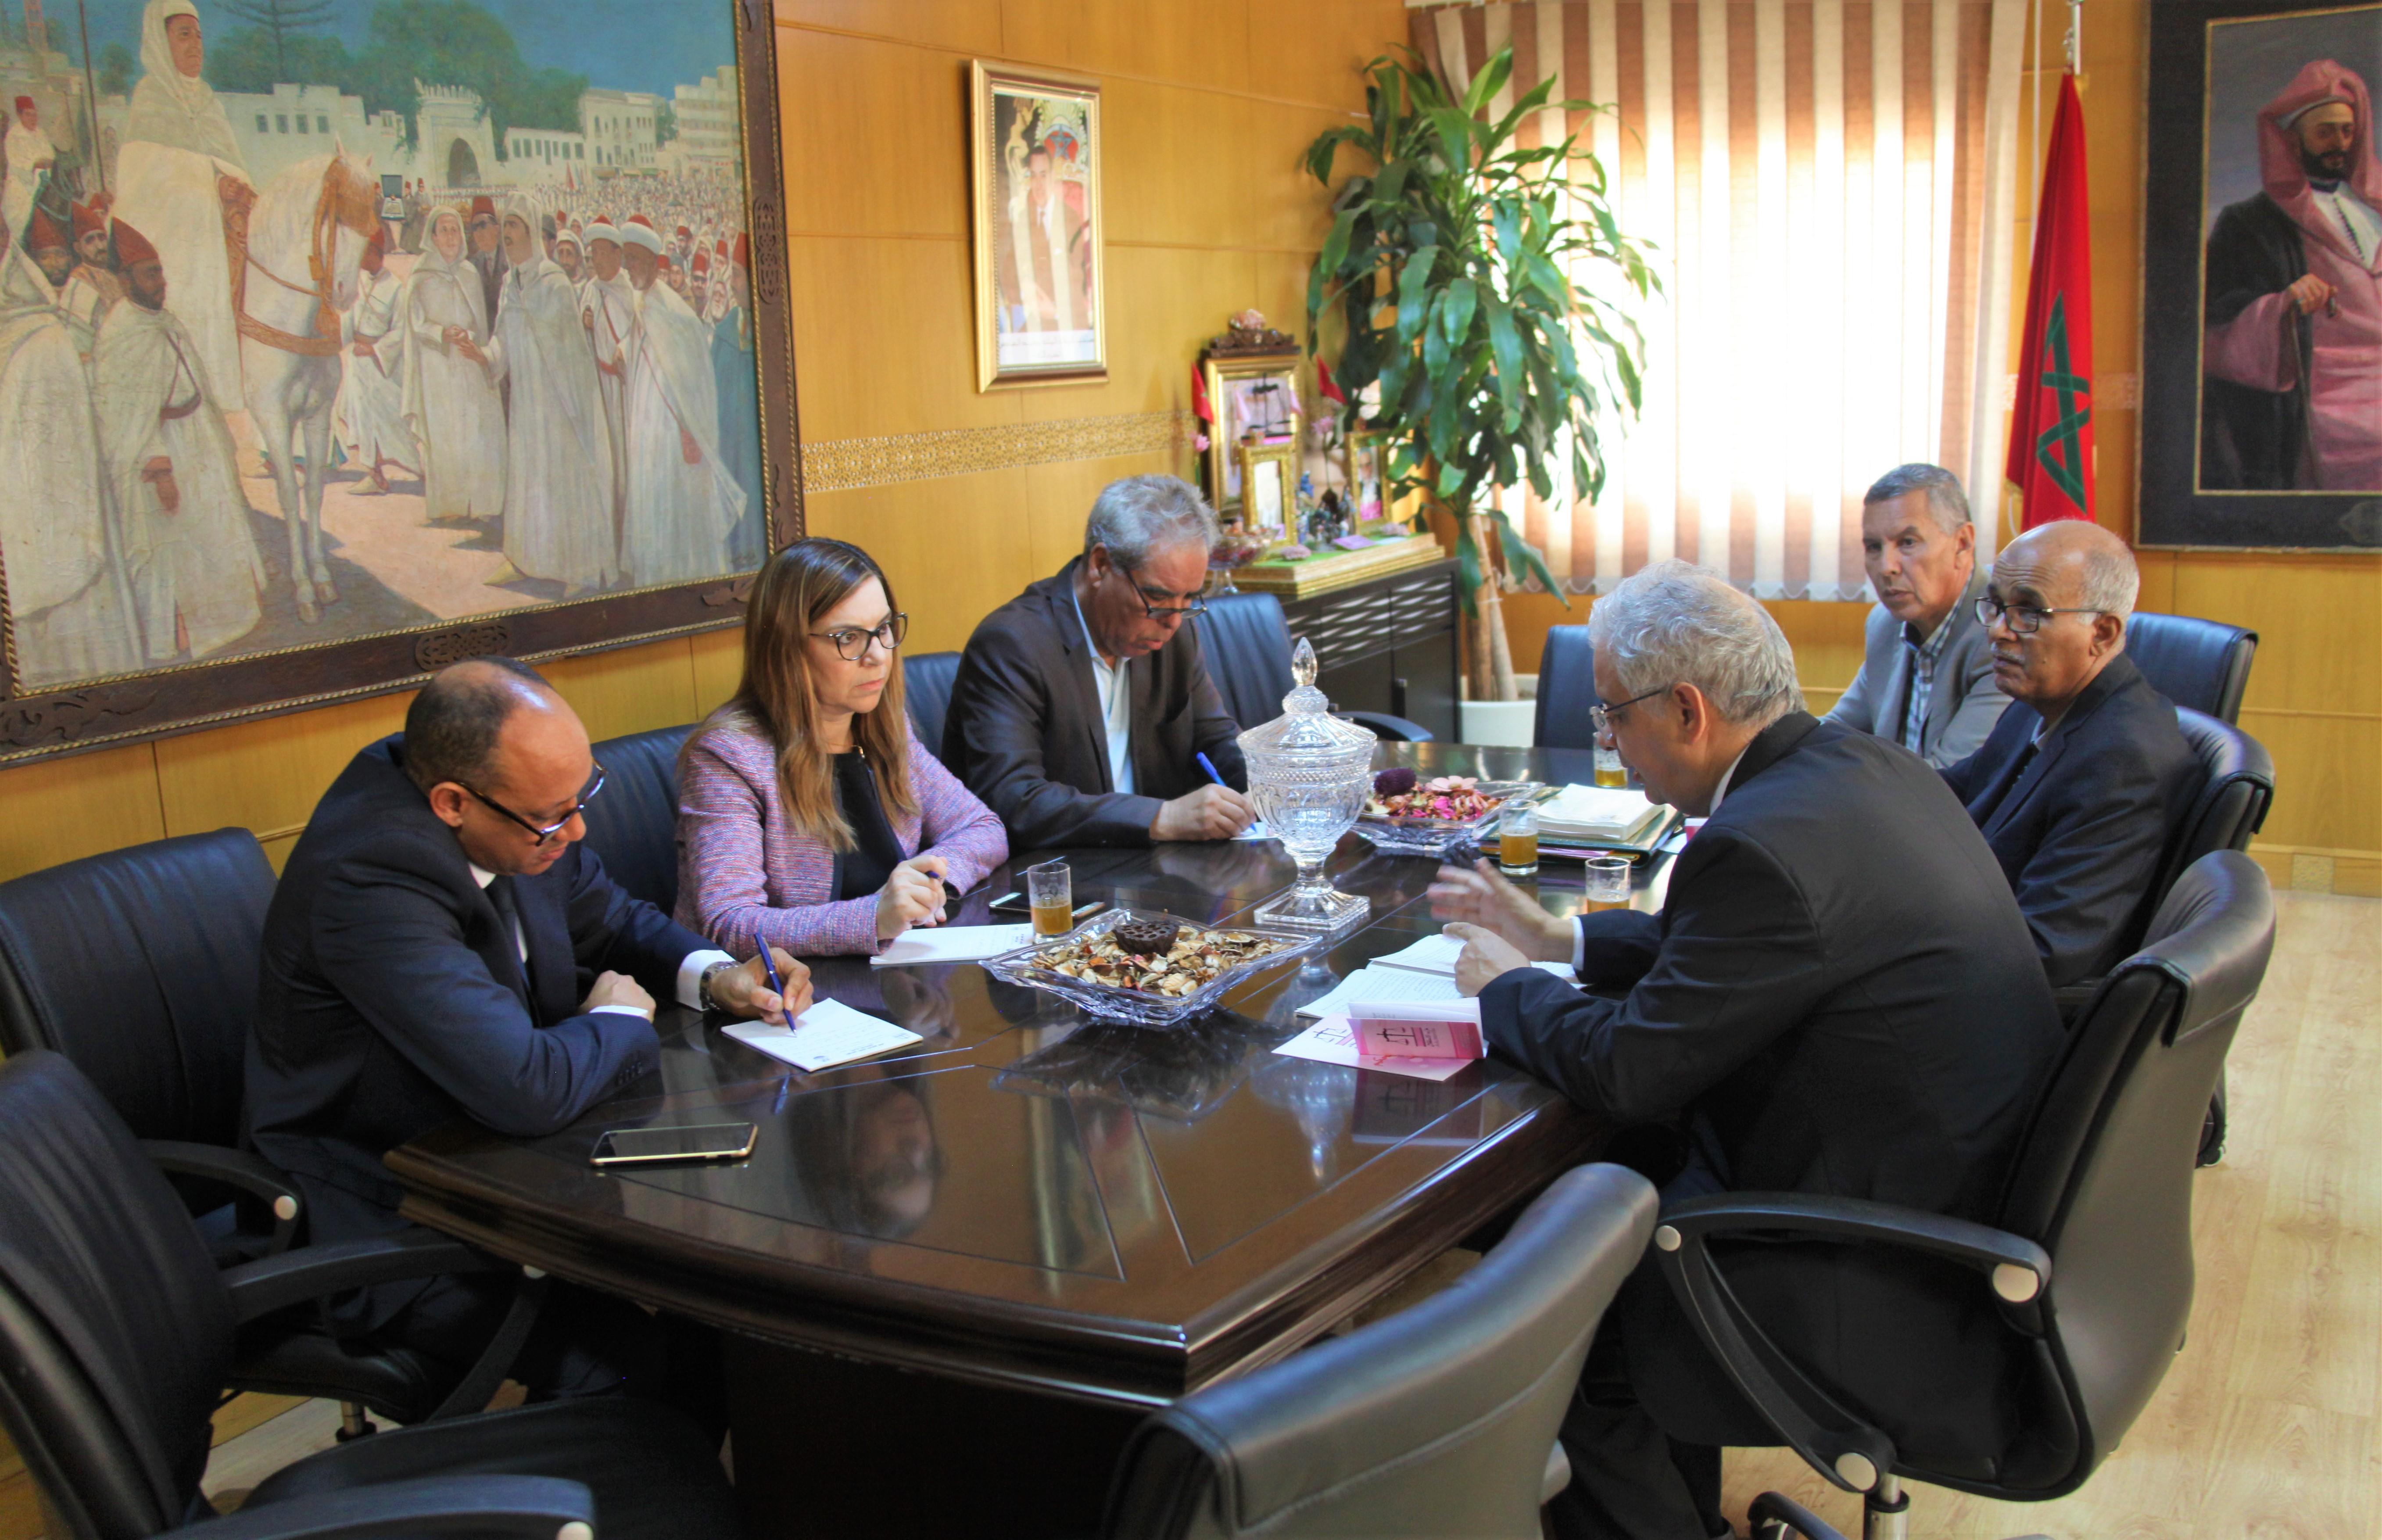 الأمين العام لحزب الاستقلال يستقبل اللجنة الوطنية للتحكيم والتأديب